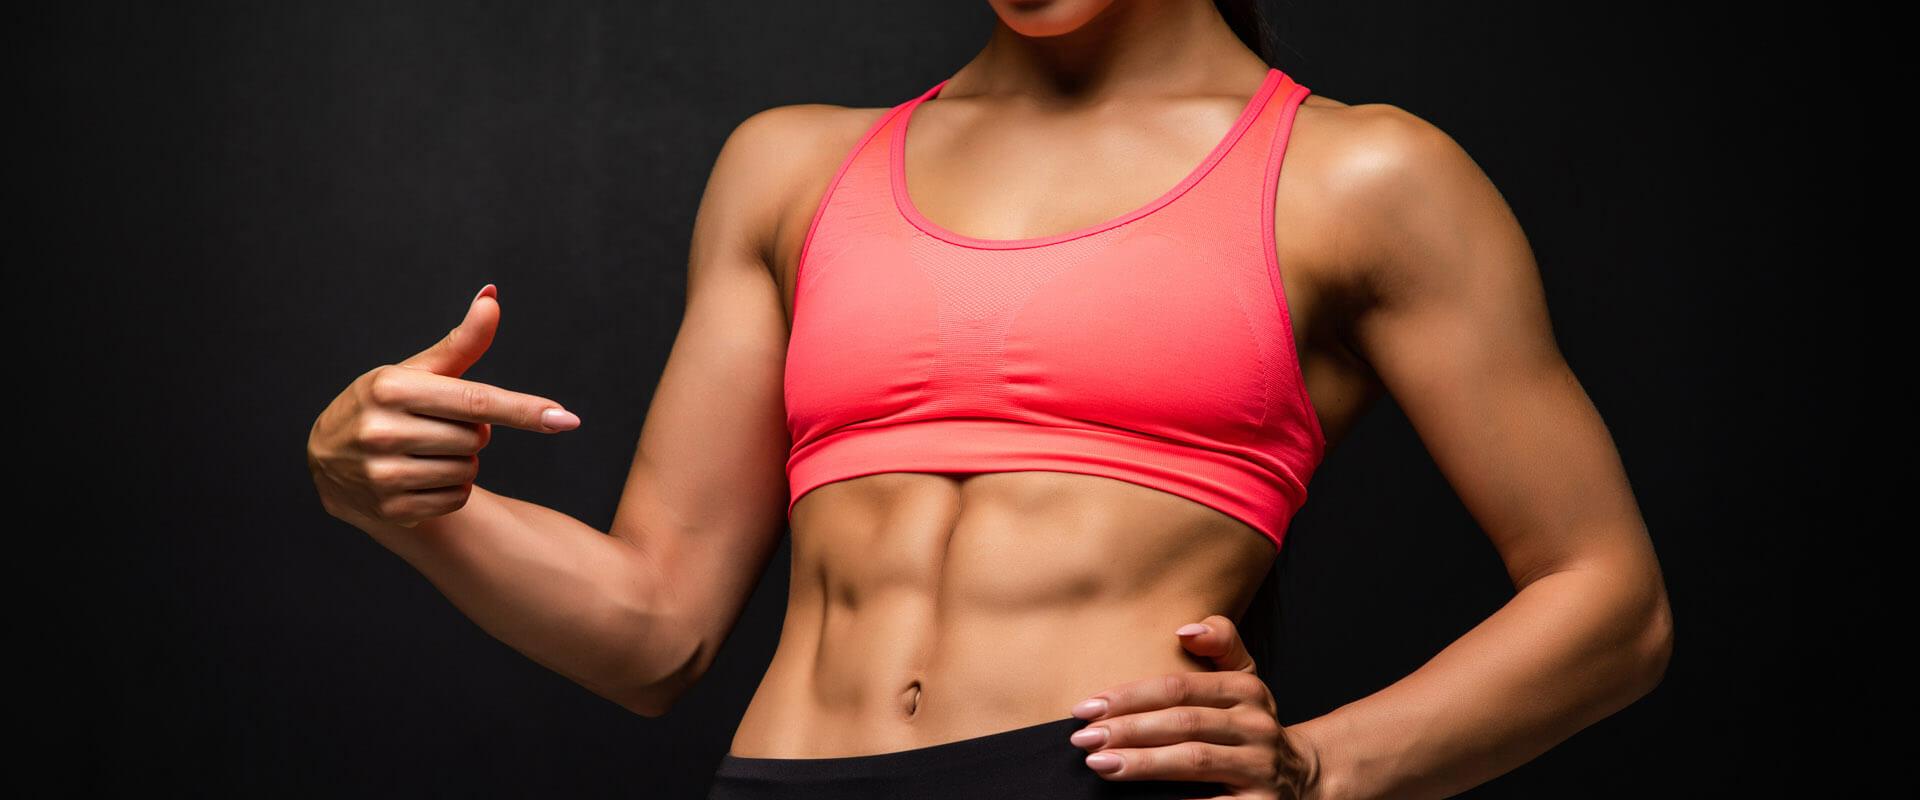 ejercicios para reducir el abdomen y cintura con AB Tomic